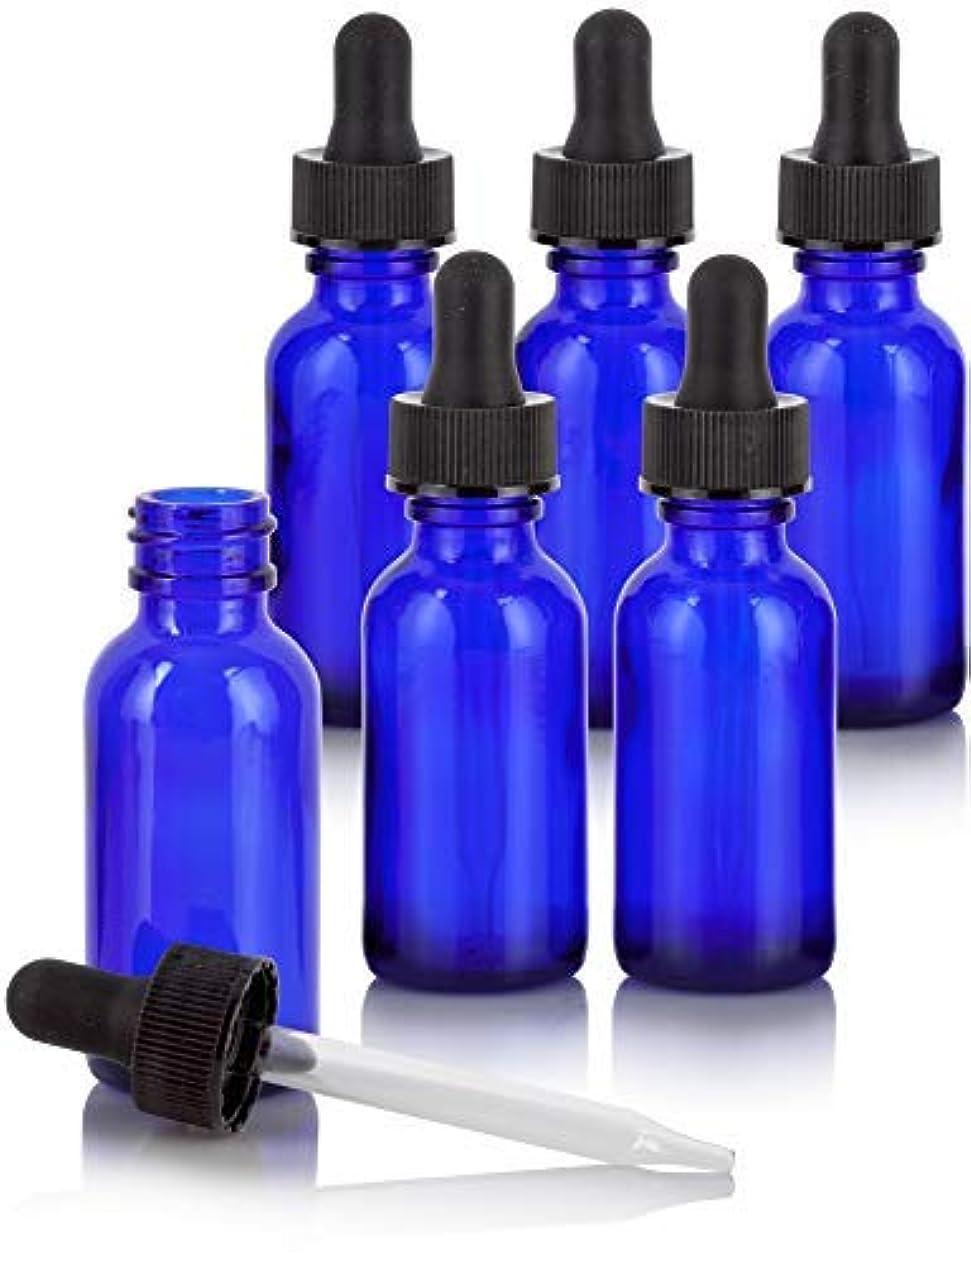 想像力豊かな静める法的1 oz Cobalt Blue Glass Boston Round Dropper Bottle (6 Pack) + Funnel and Labels for Essential Oils, Aromatherapy...